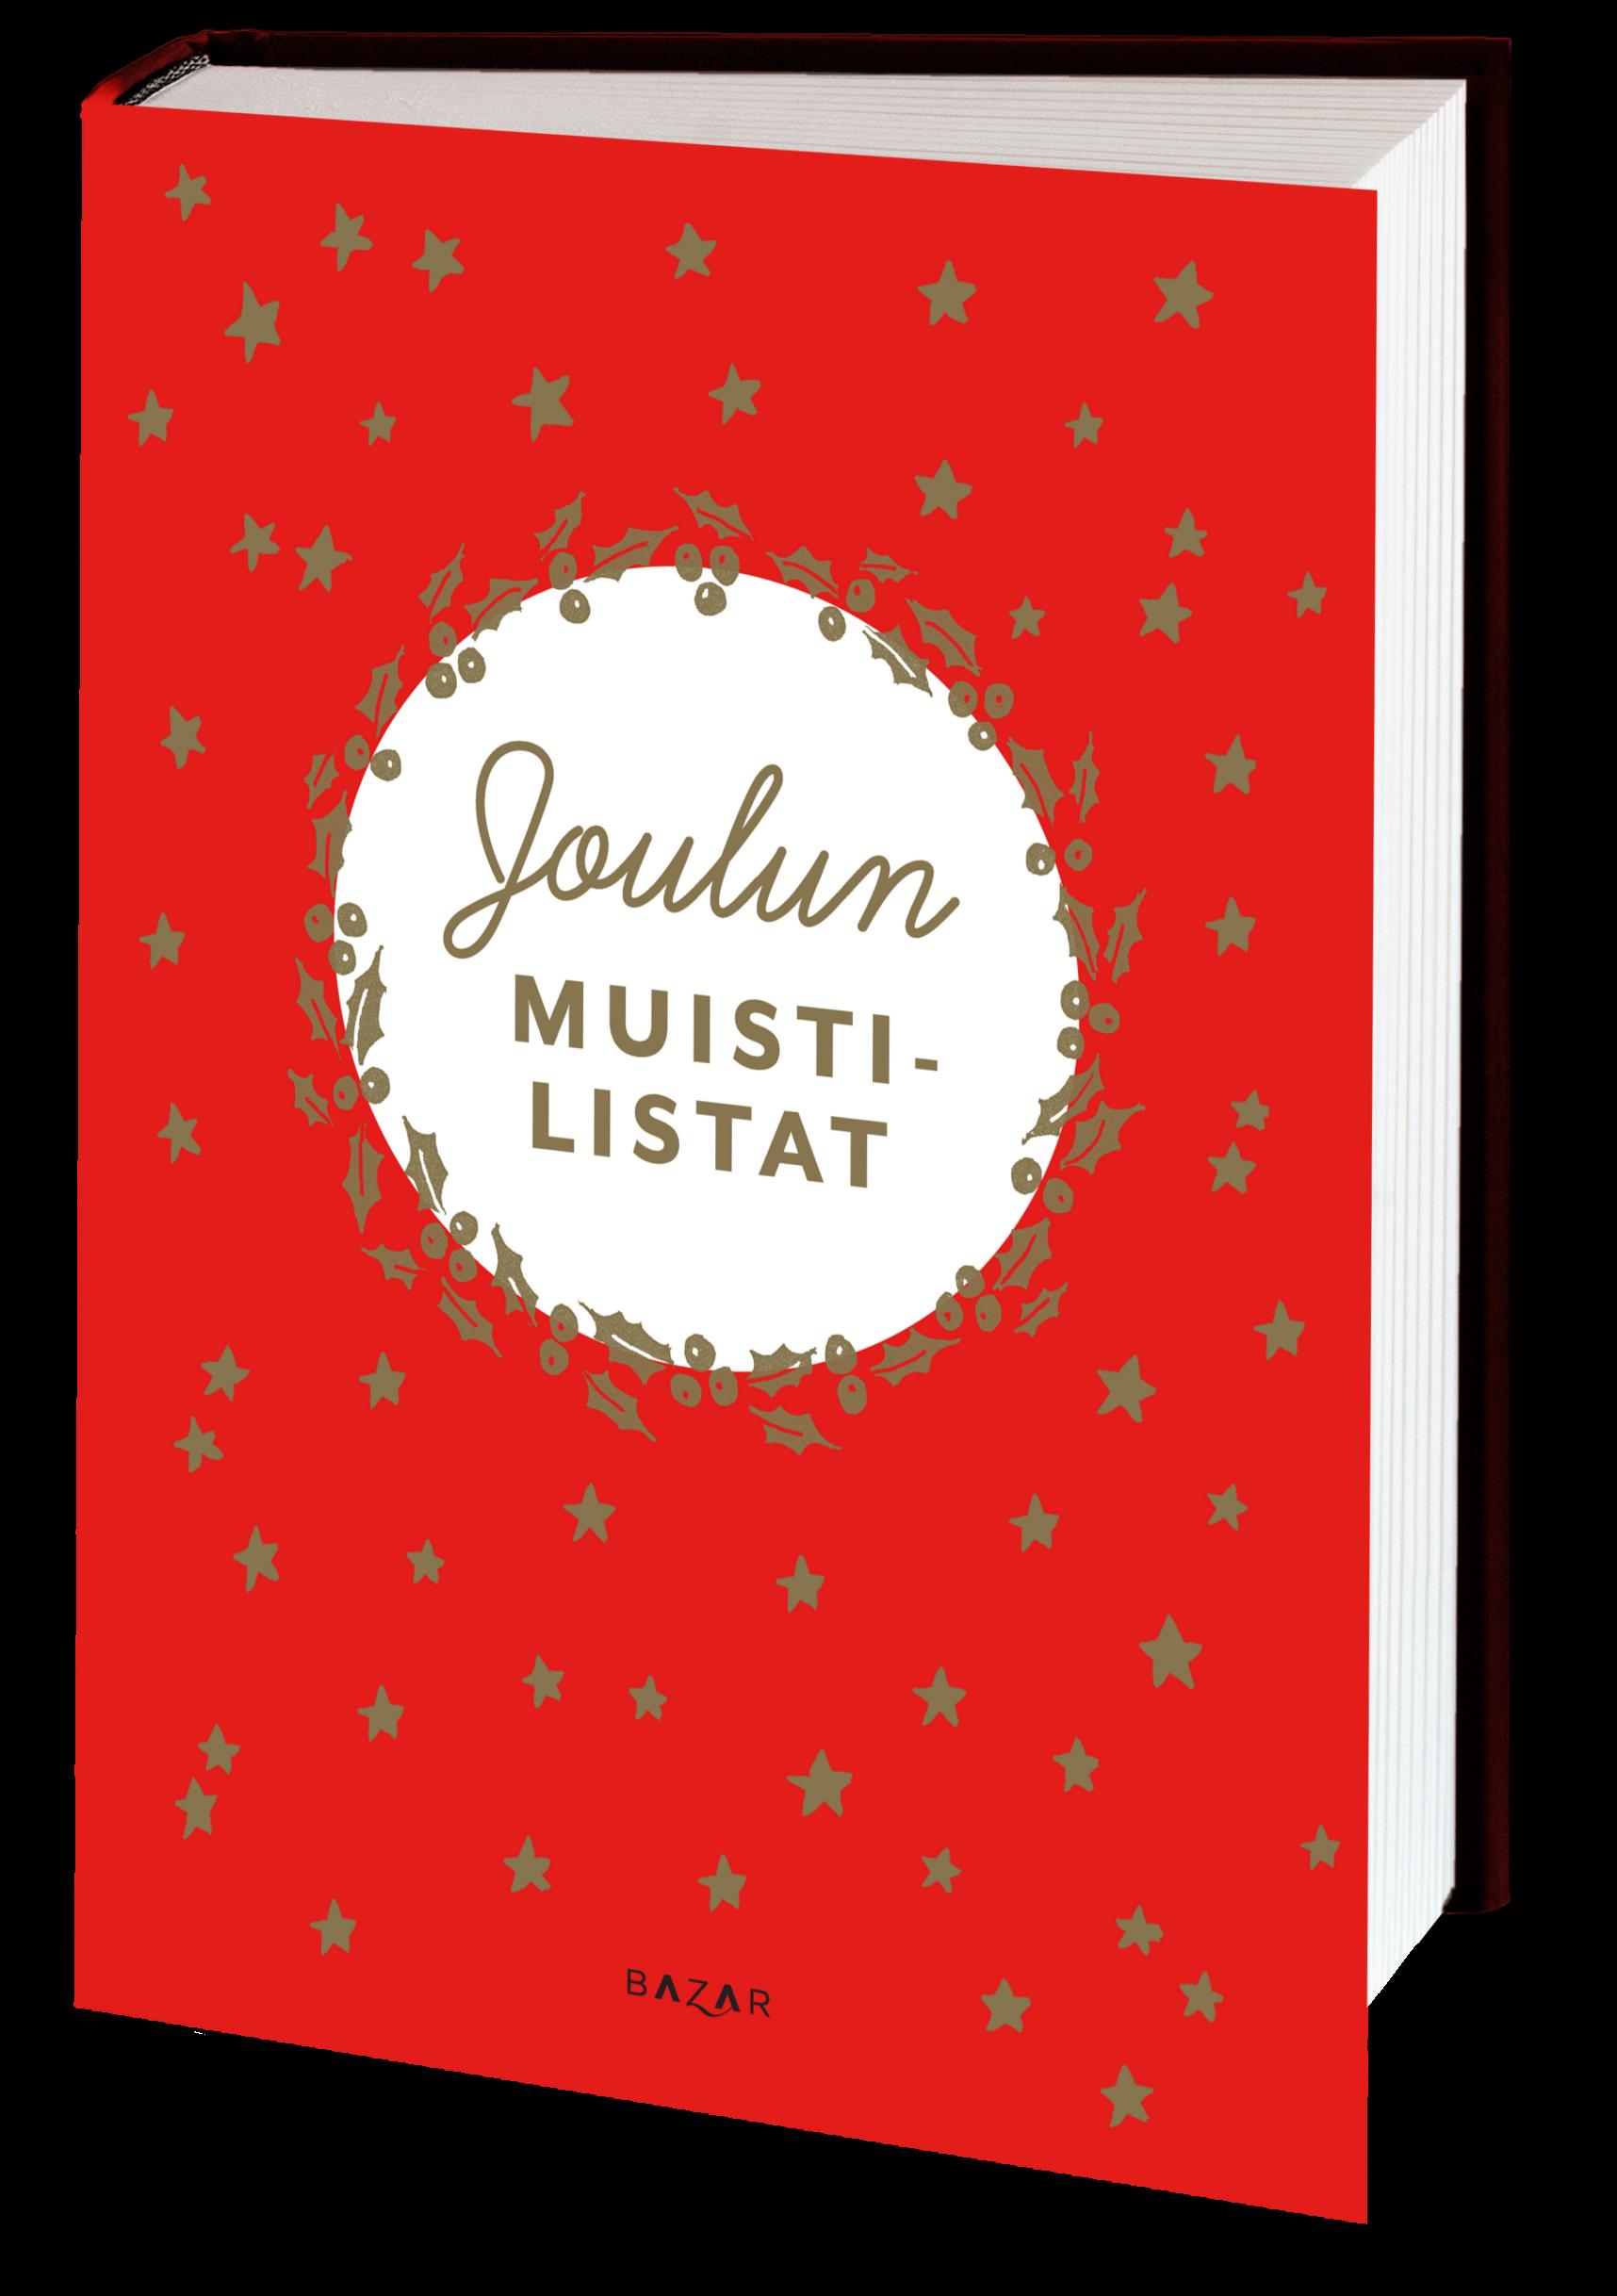 joulu 2018 uutuuskirjat Joulun muistilistat   Bazar Kustannus joulu 2018 uutuuskirjat